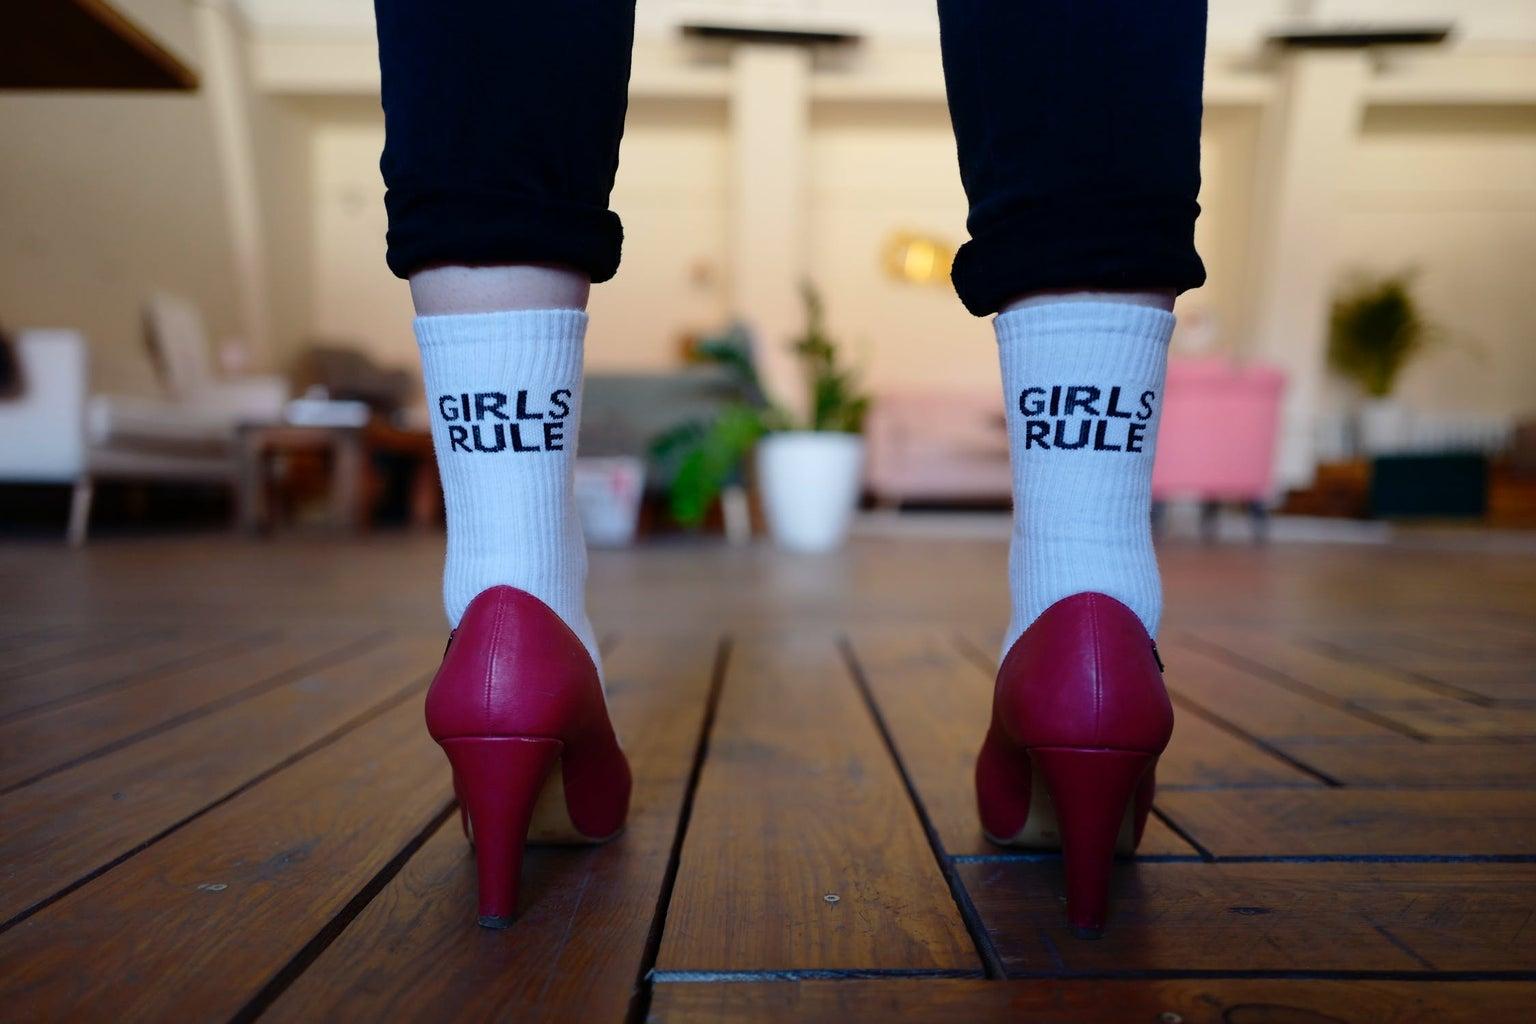 girls rule written on socks by Pexels